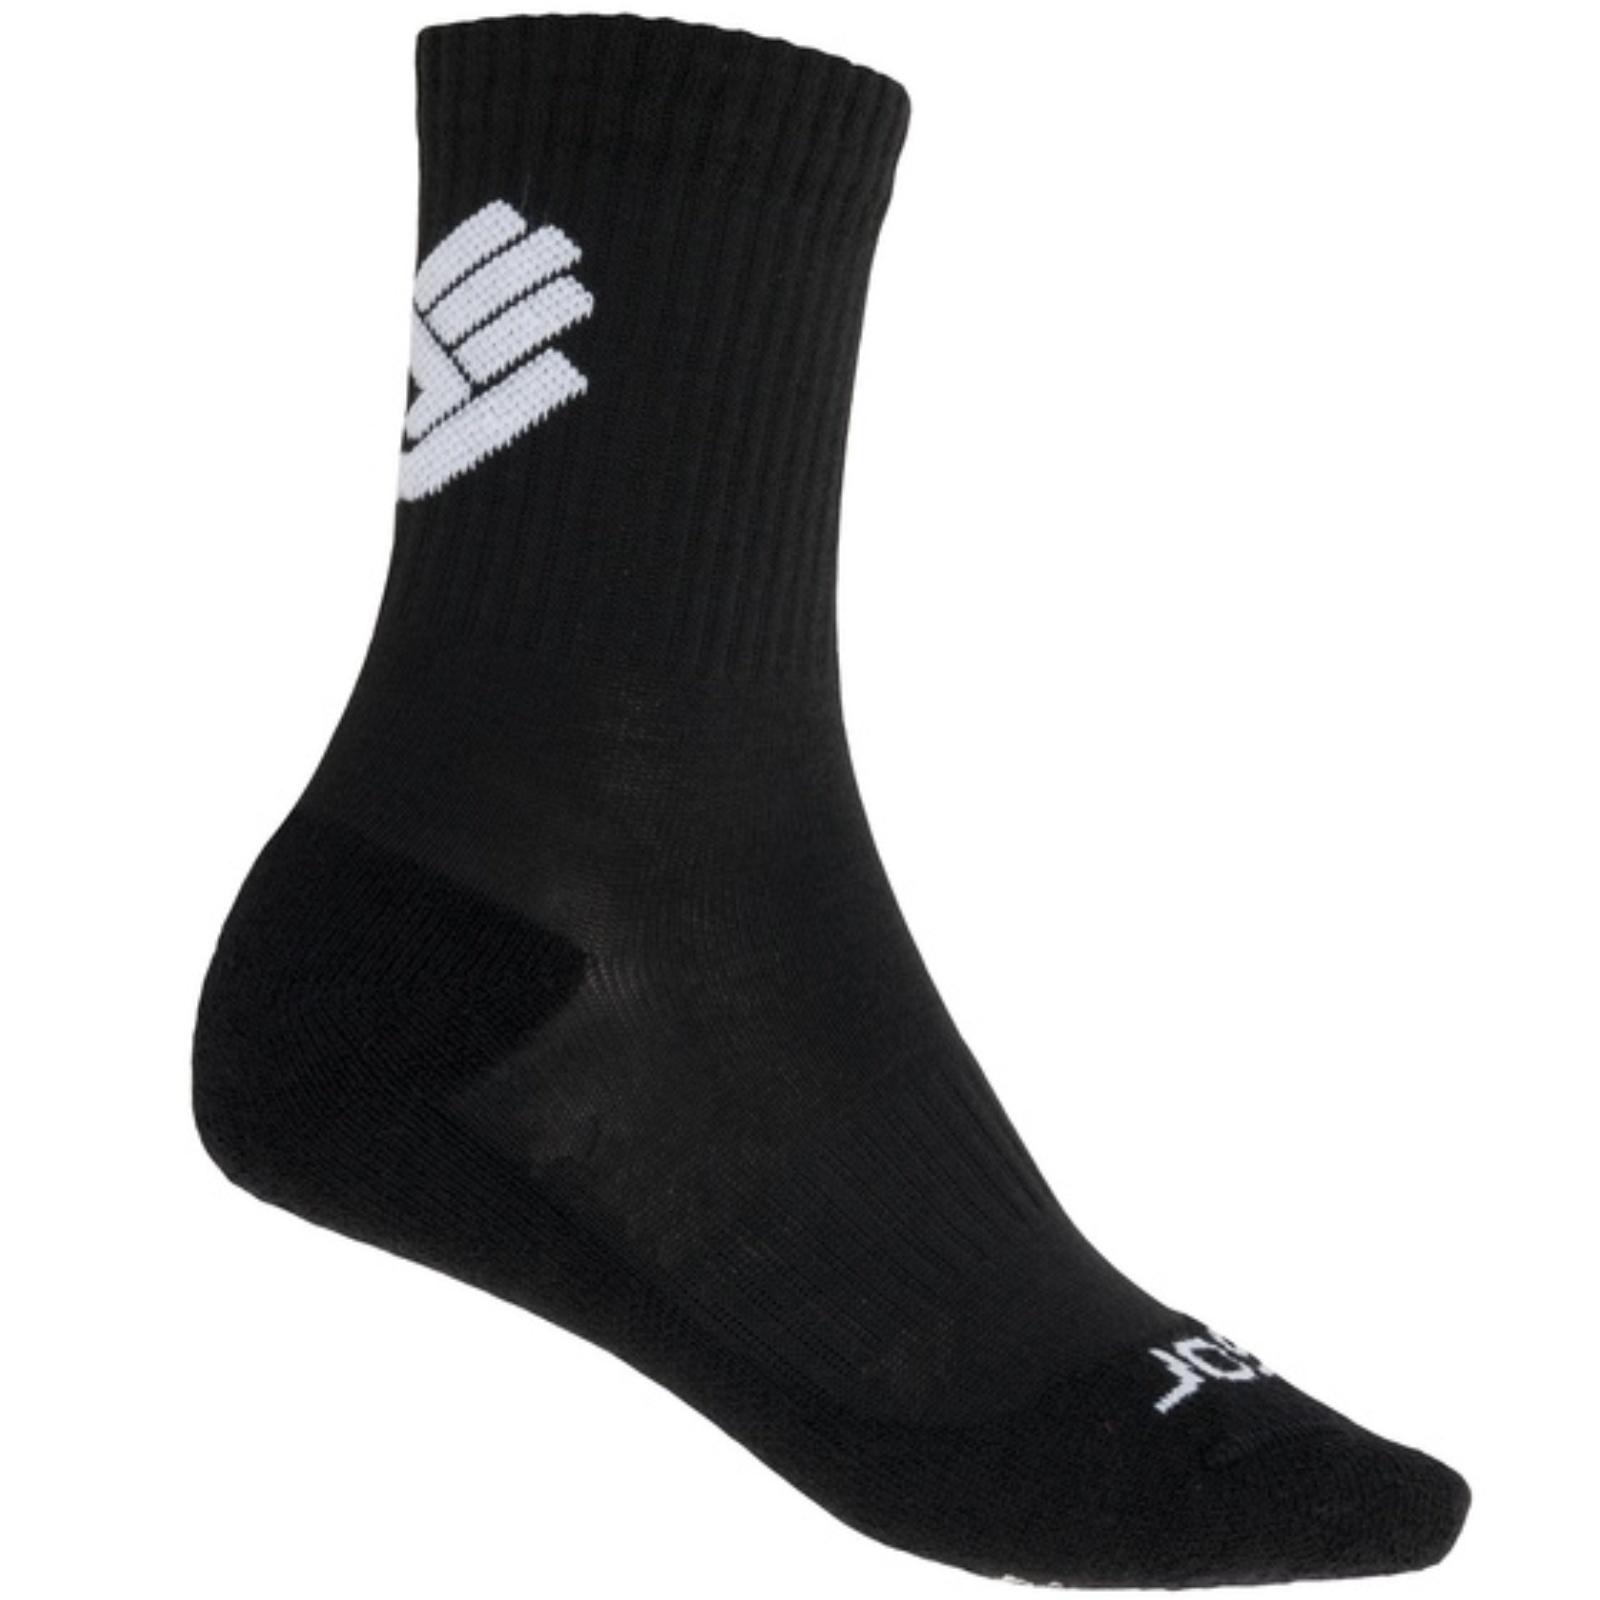 Ponožky SENSOR Race Merino čierne - veľ. 3-5